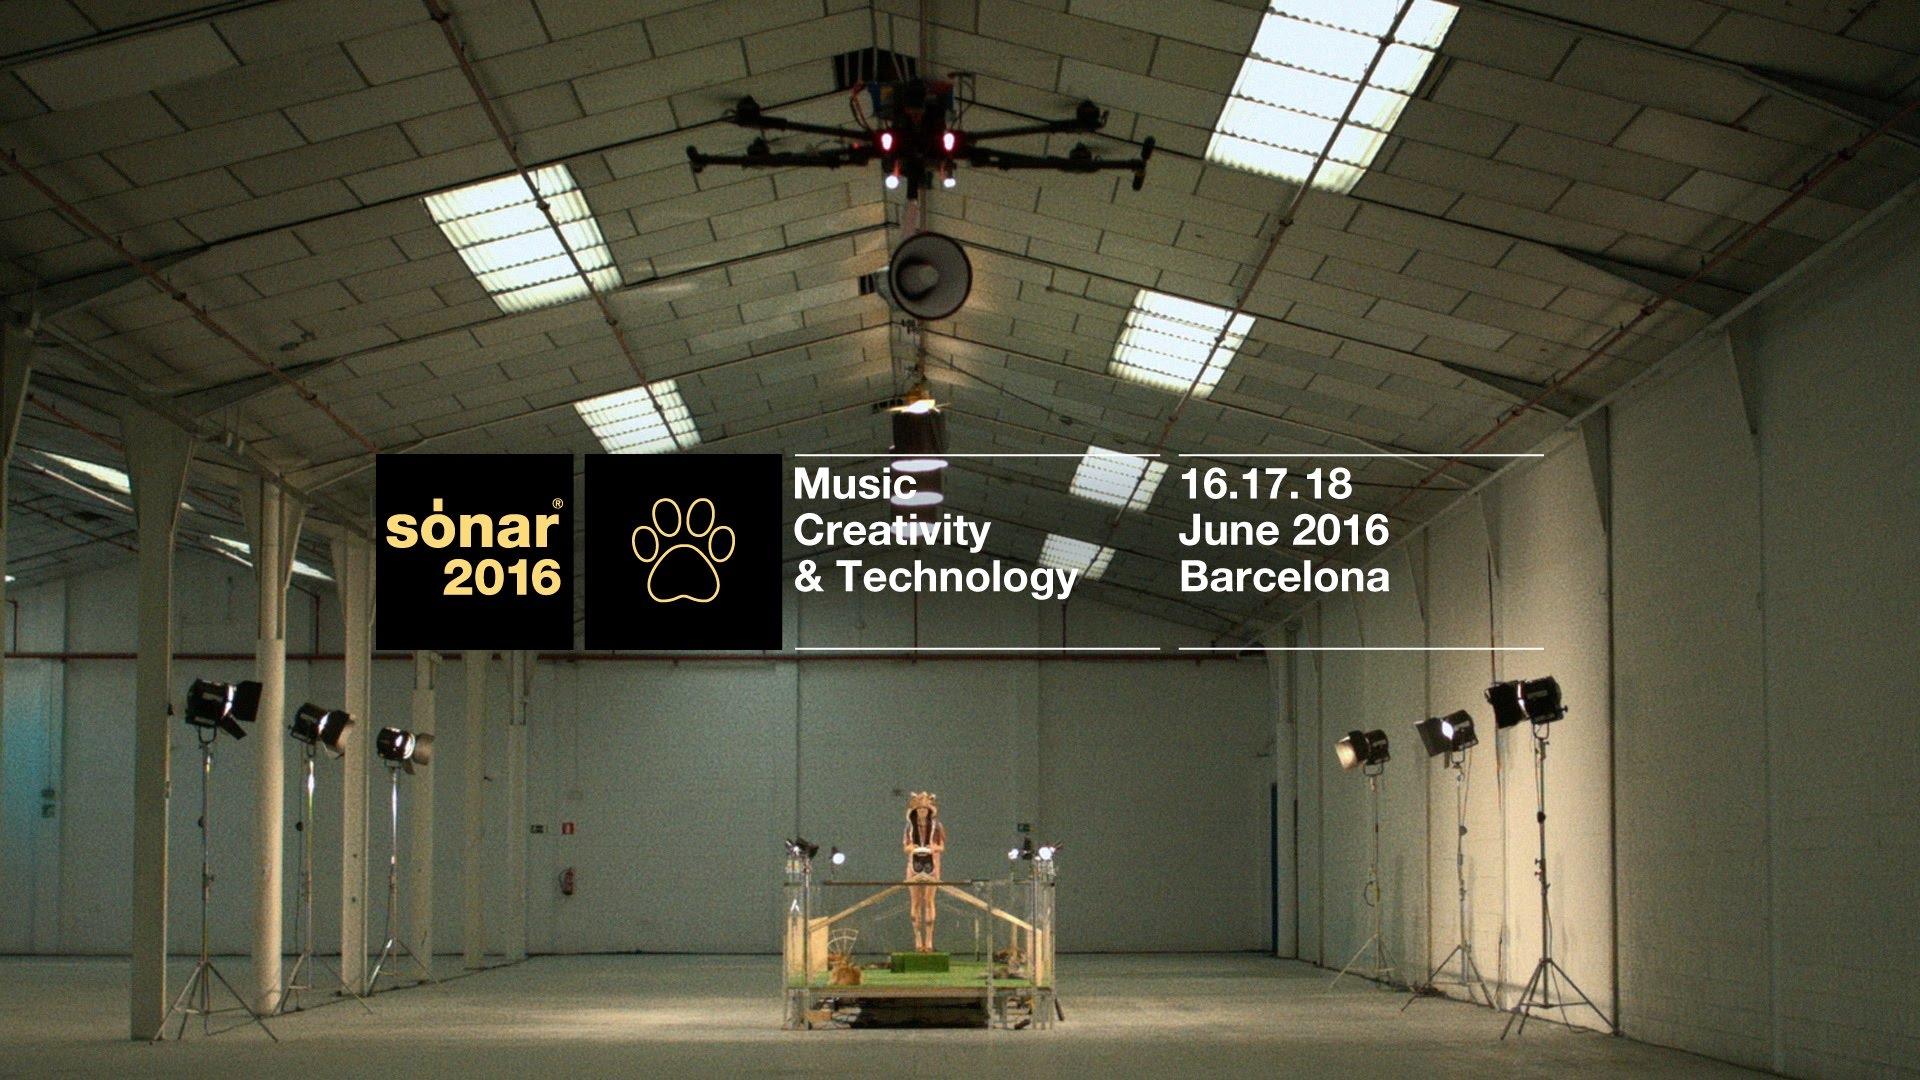 sonar 2016 thevandallist